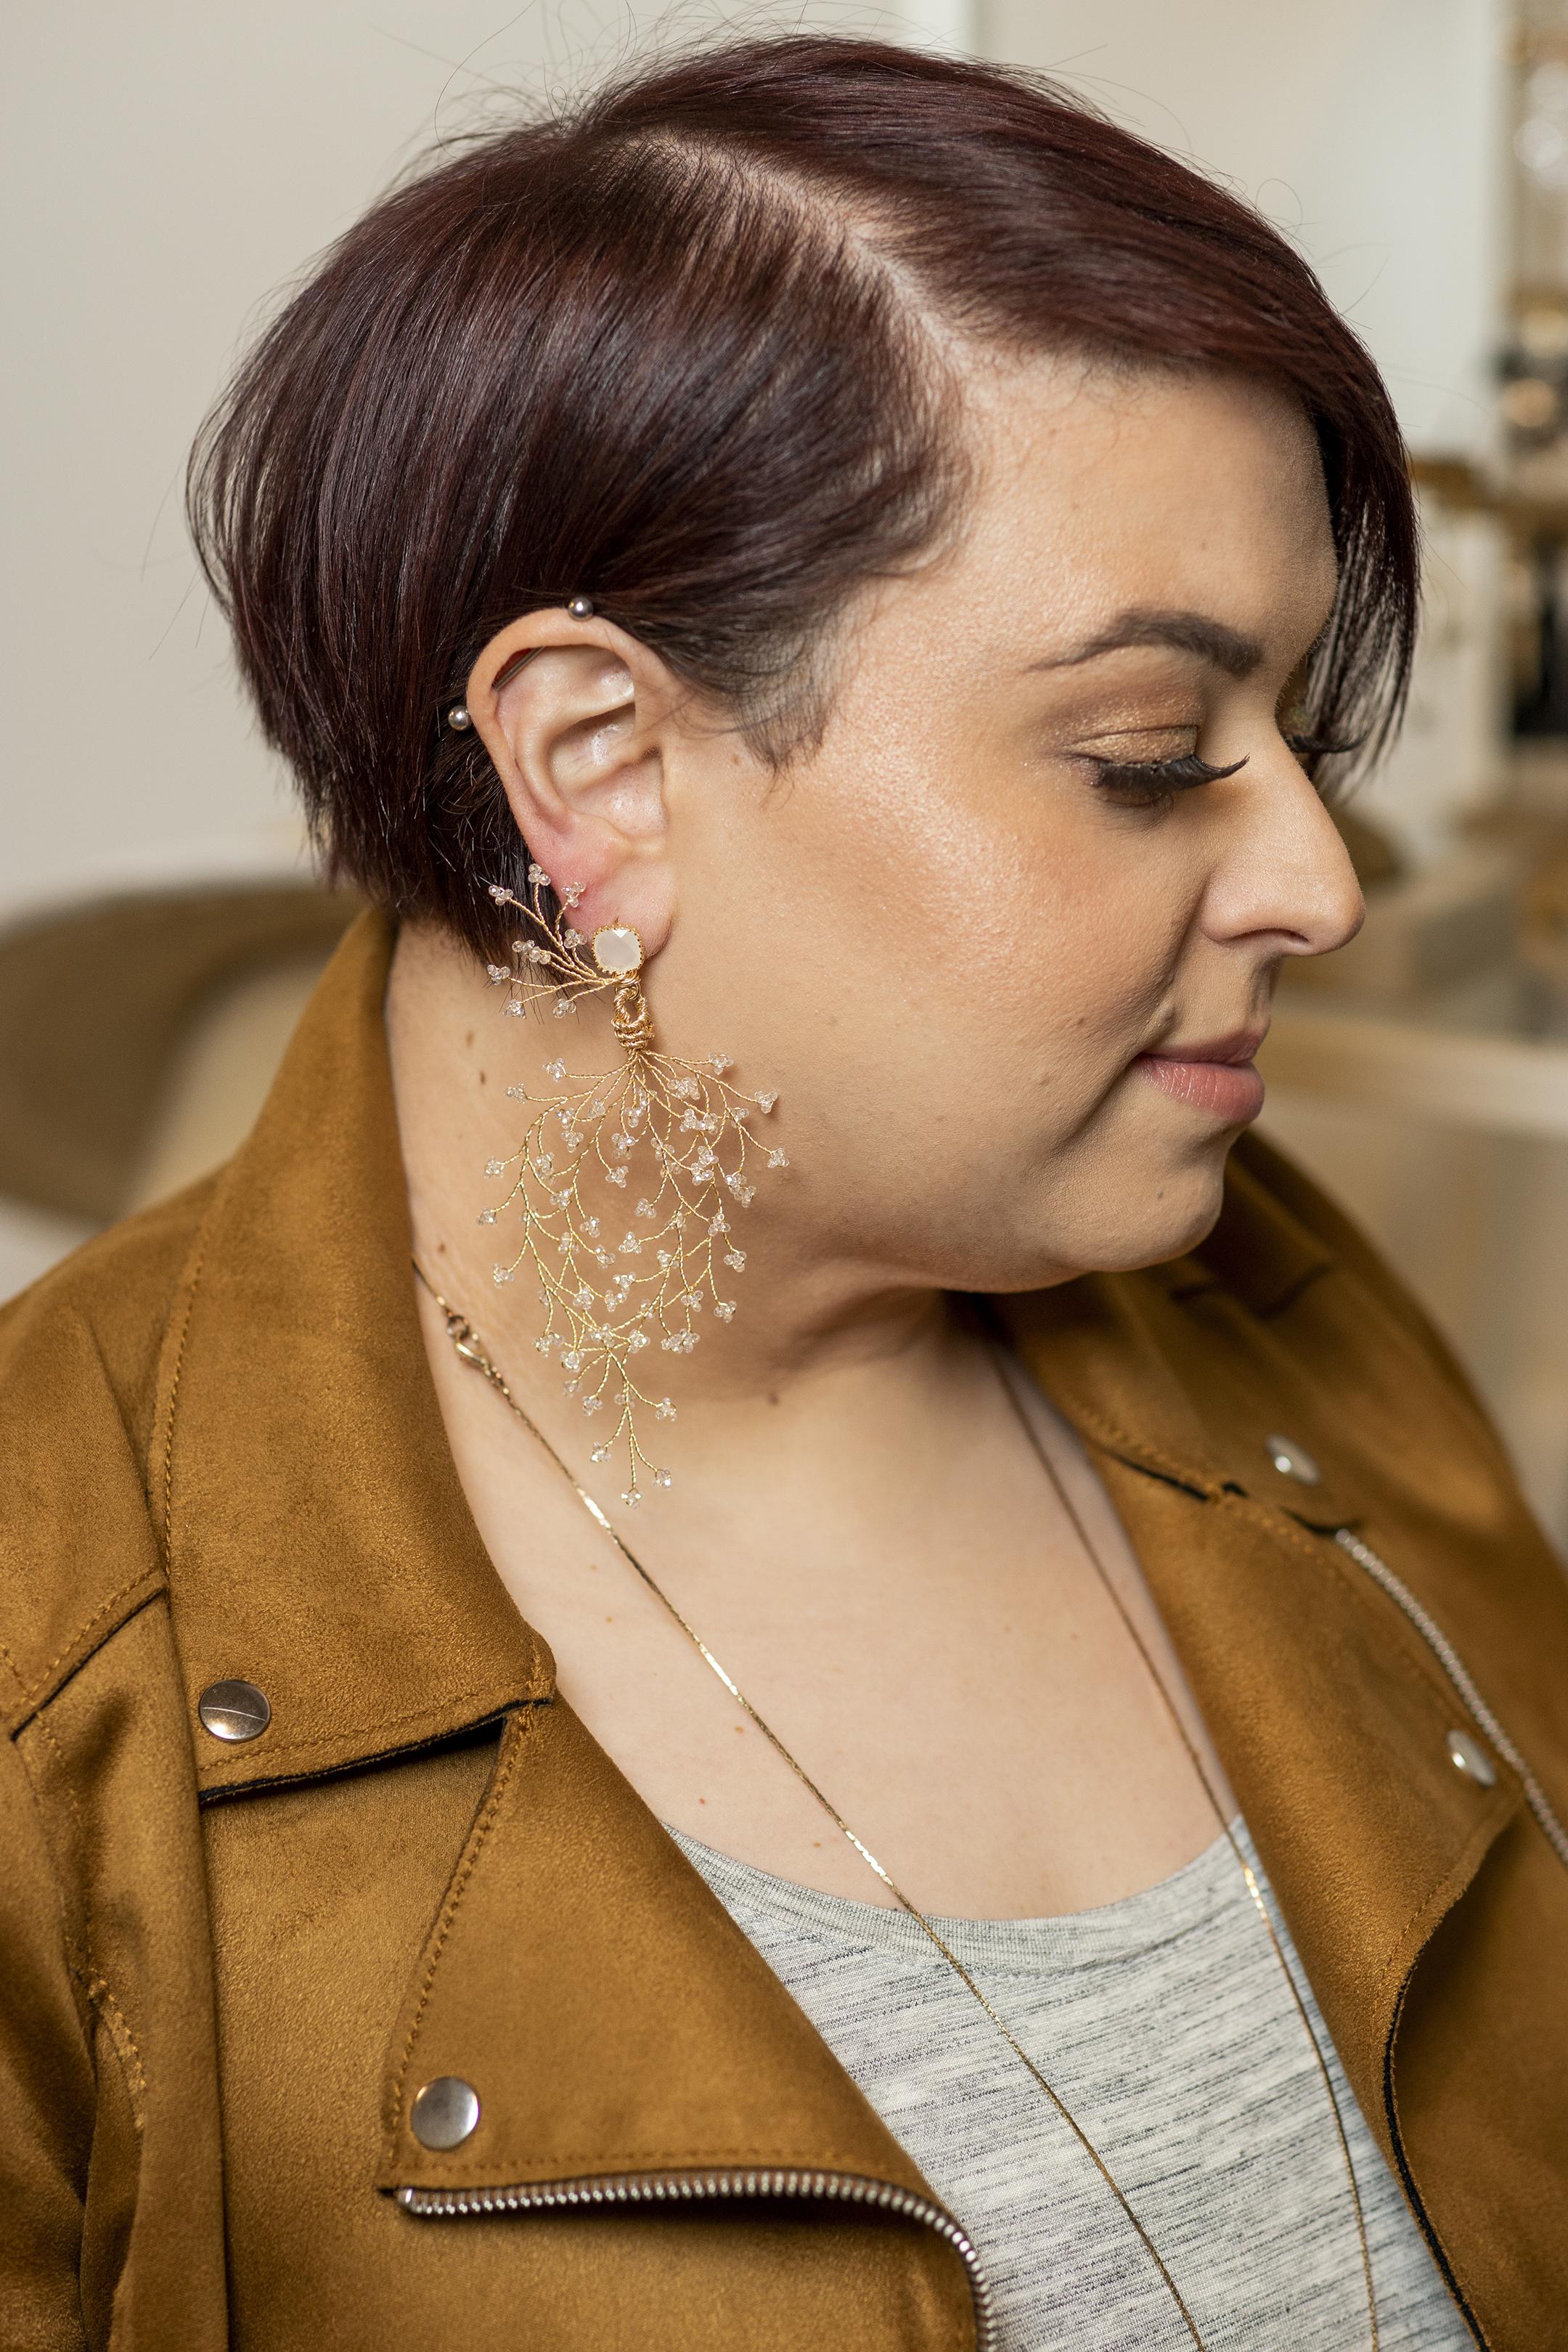 Wearing  Flora Earrings